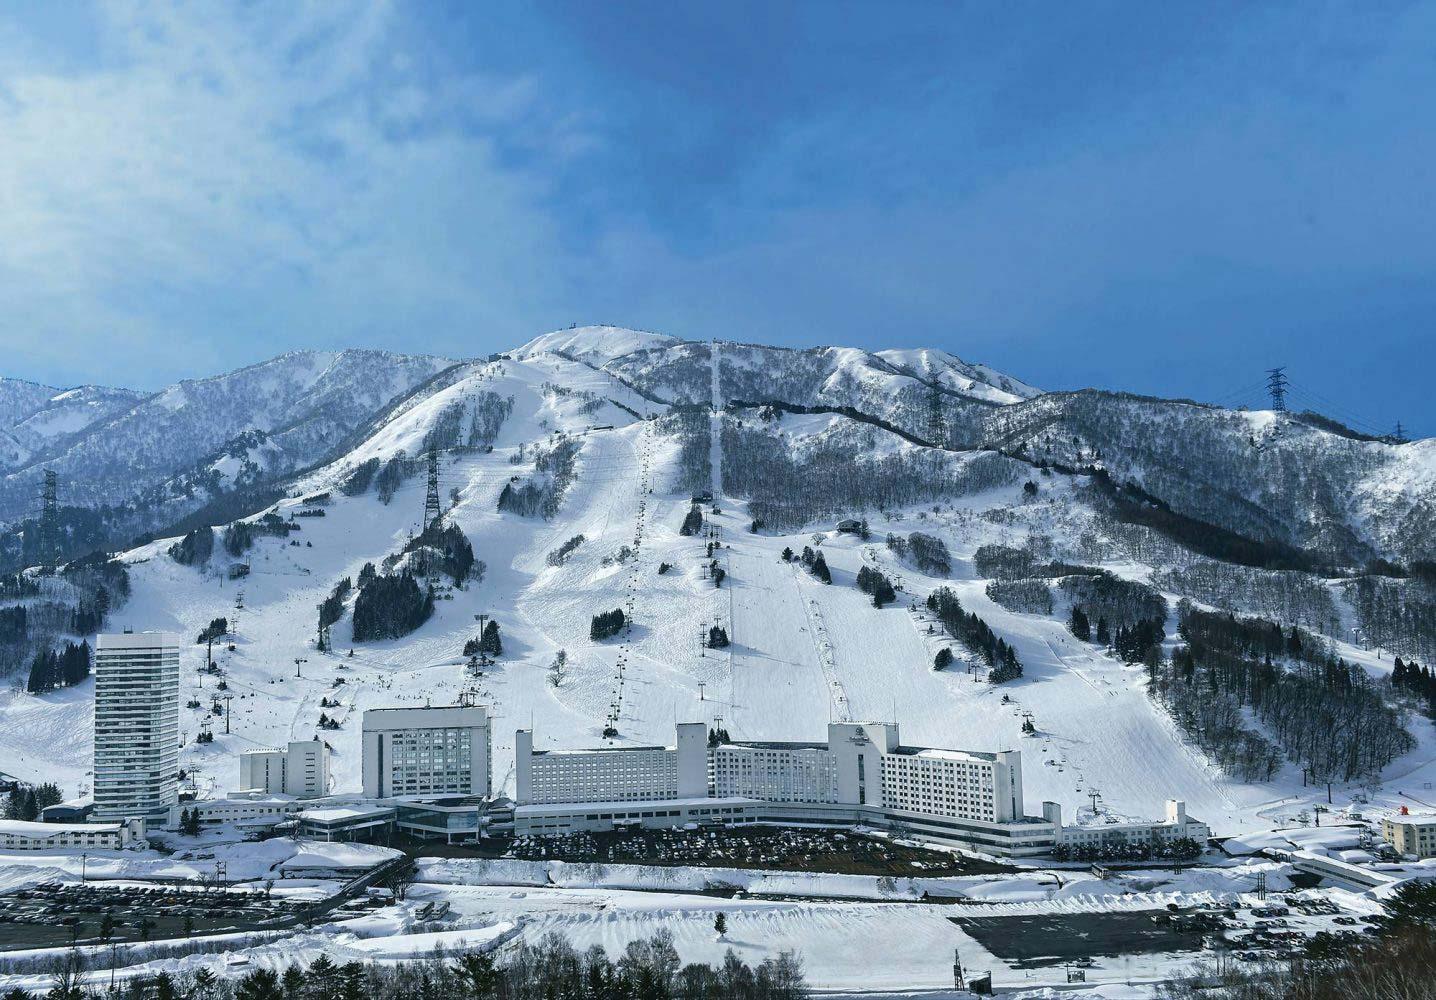 naeba-snow